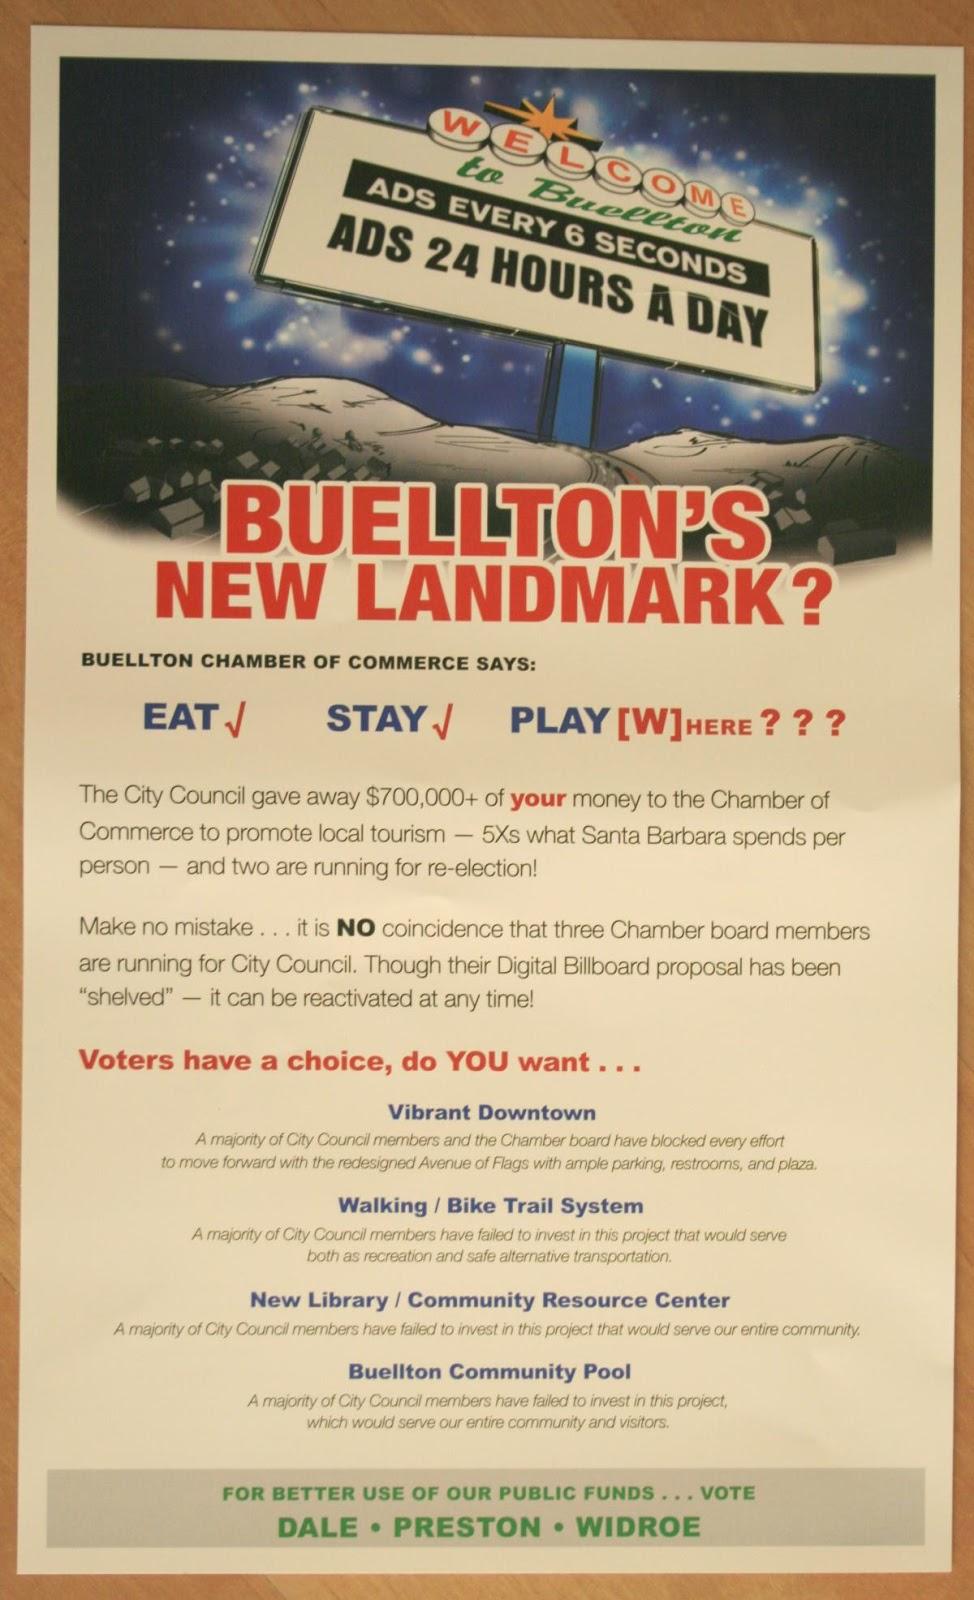 buellton personals Buellton és una població dels estats units a l'estat de califòrnia segons el cens  del 2000 tenia una població de 3828 habitants.